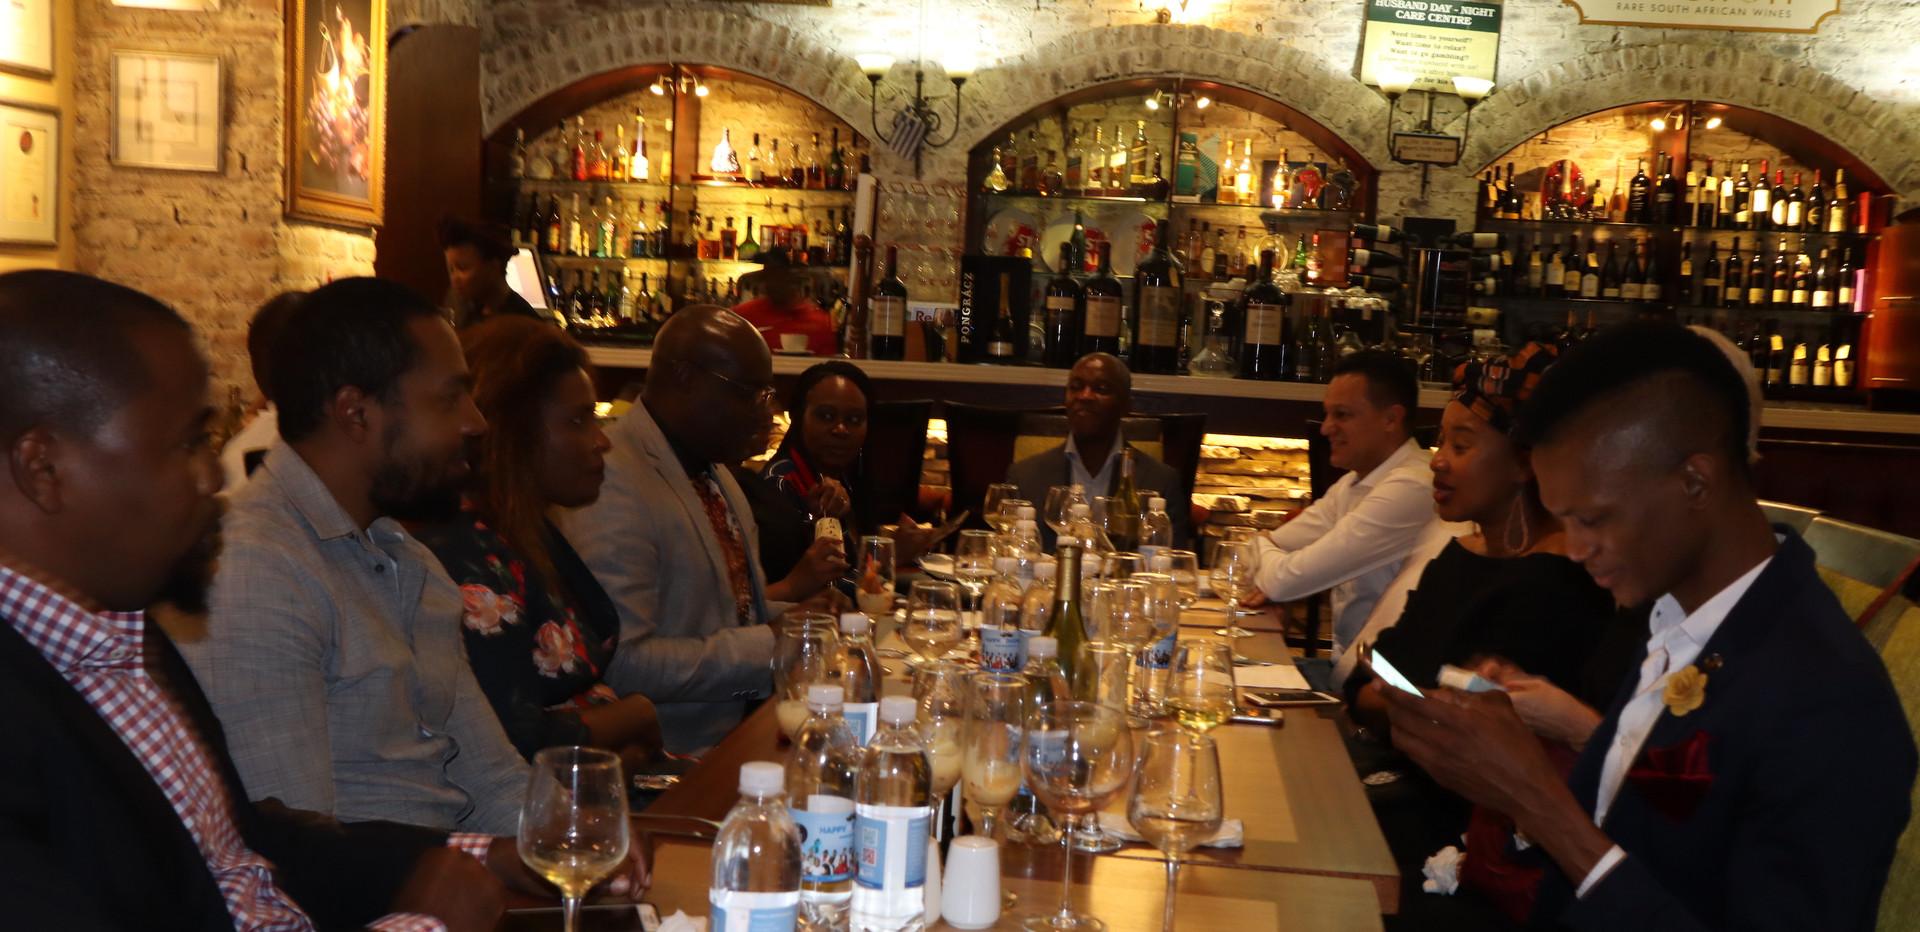 Liz Ogumbo Winetasting - Verdicchio Restaurant, Monte Casino 8